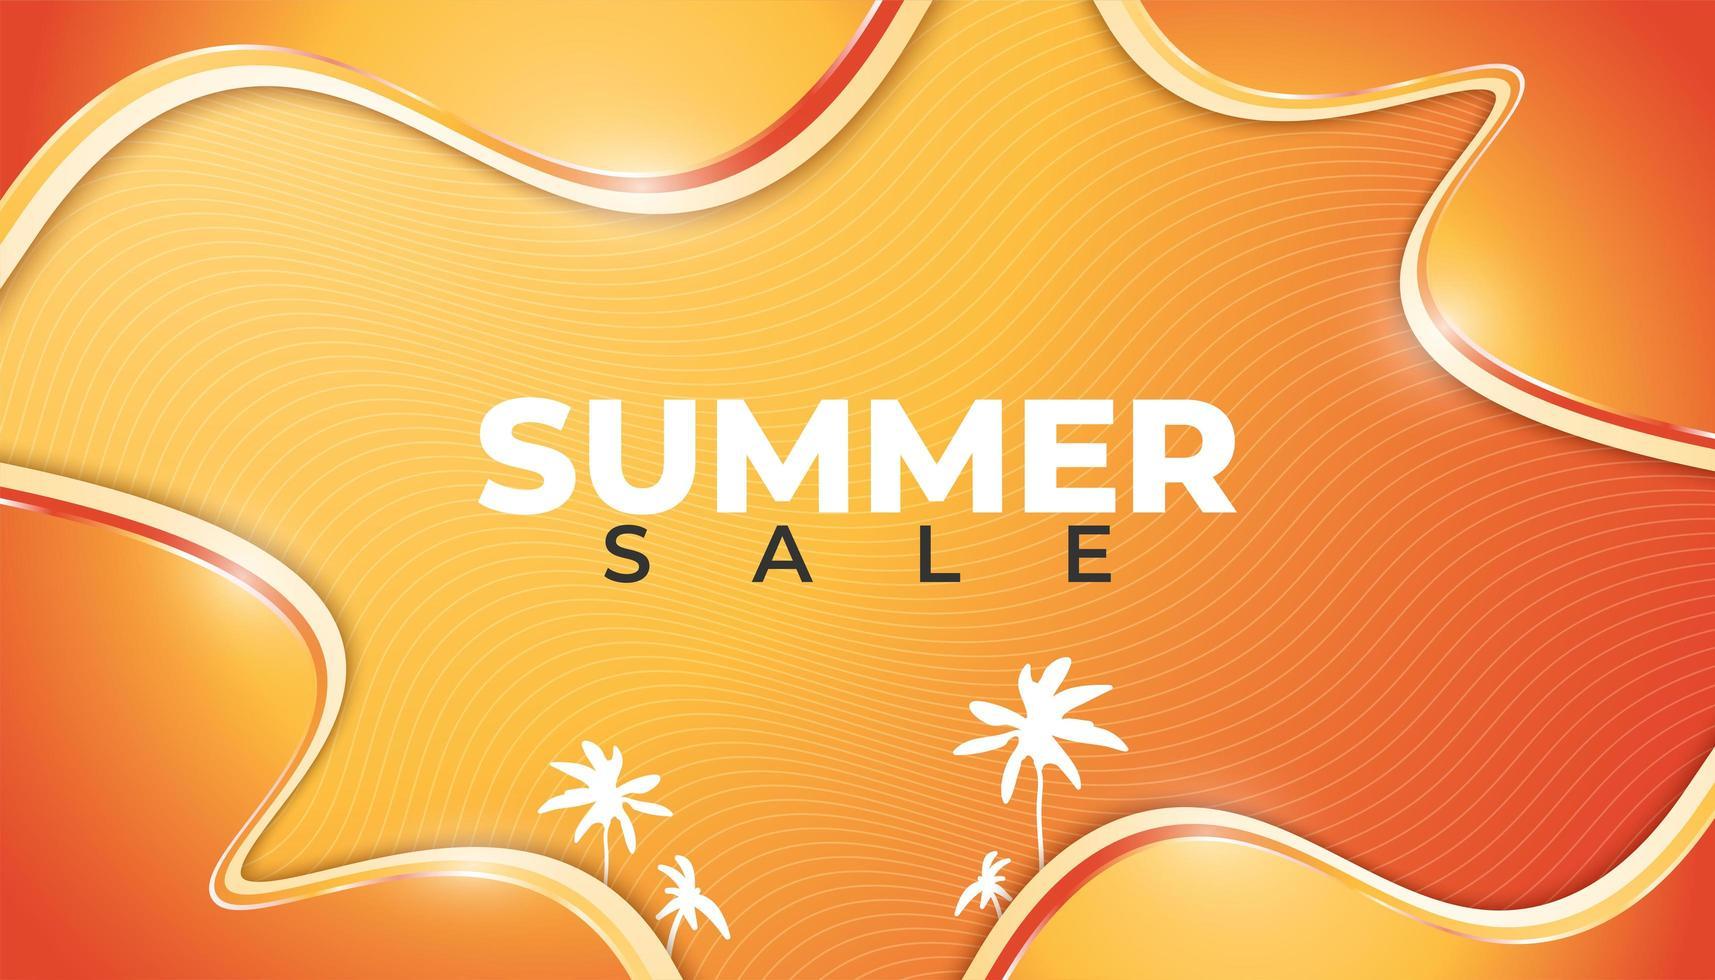 banner di vendita estiva di design ondulato sfumato arancione incandescente vettore